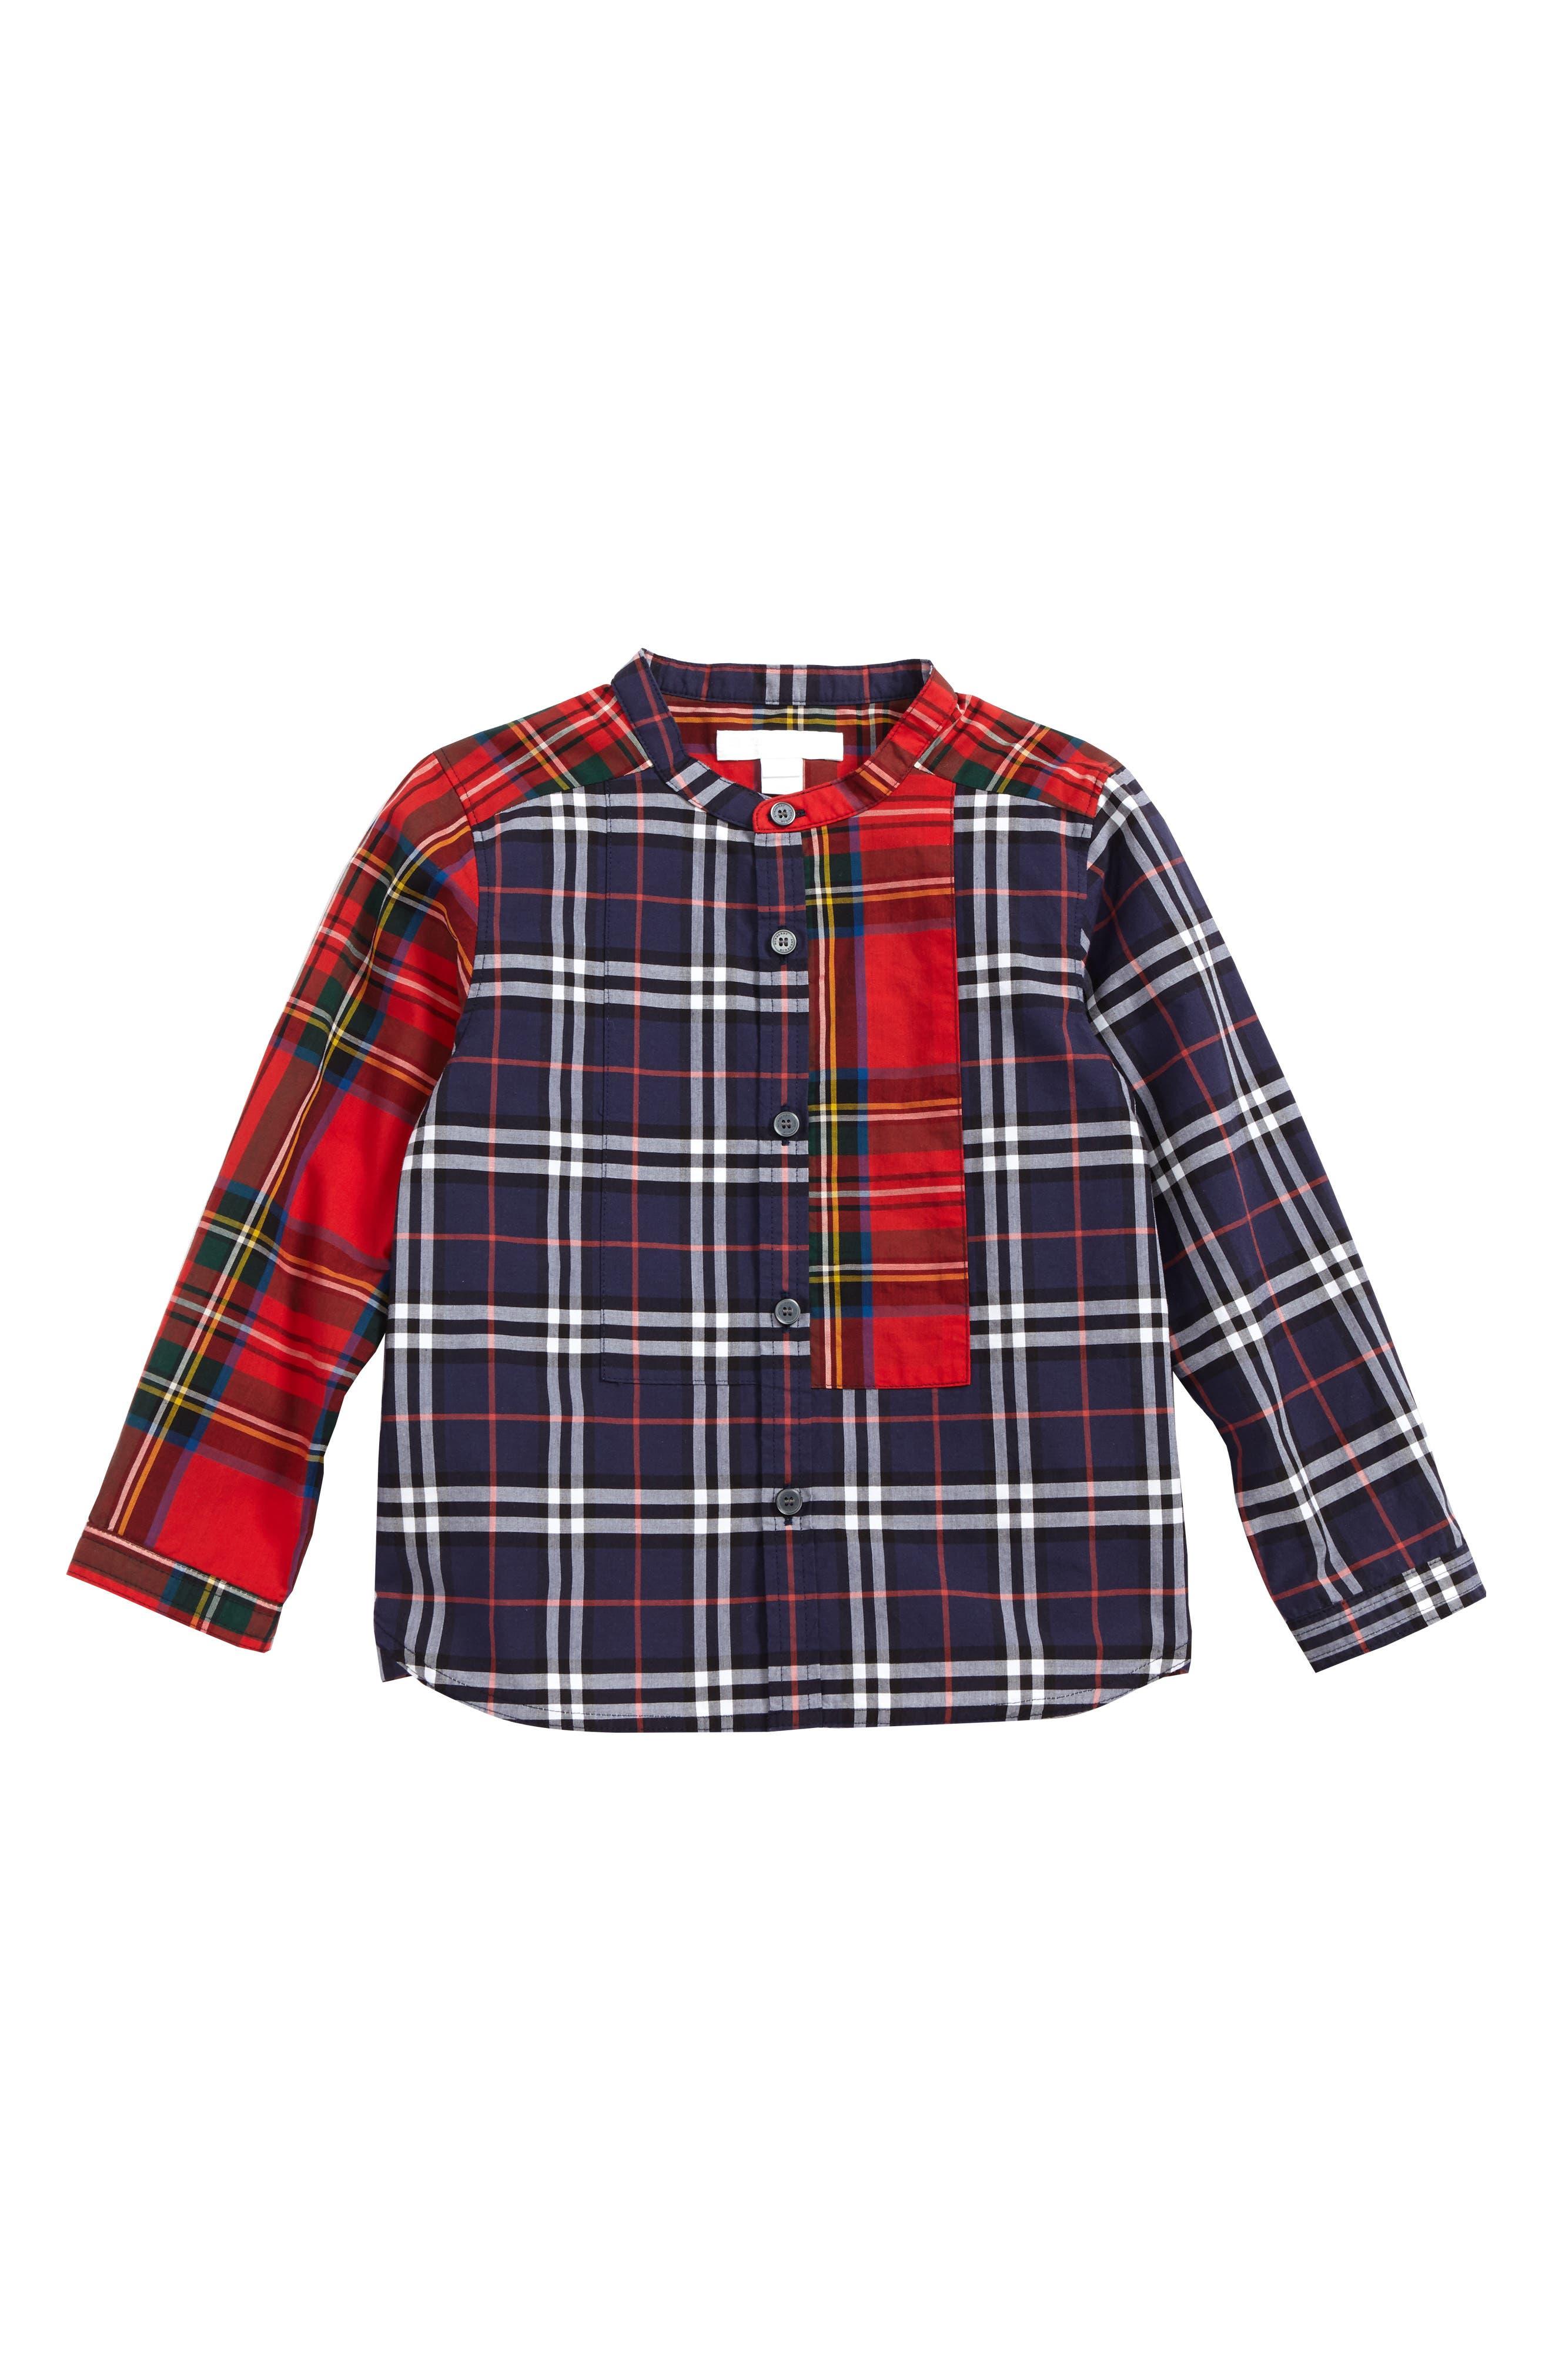 Argus Check Print Woven Shirt,                             Main thumbnail 1, color,                             Navy